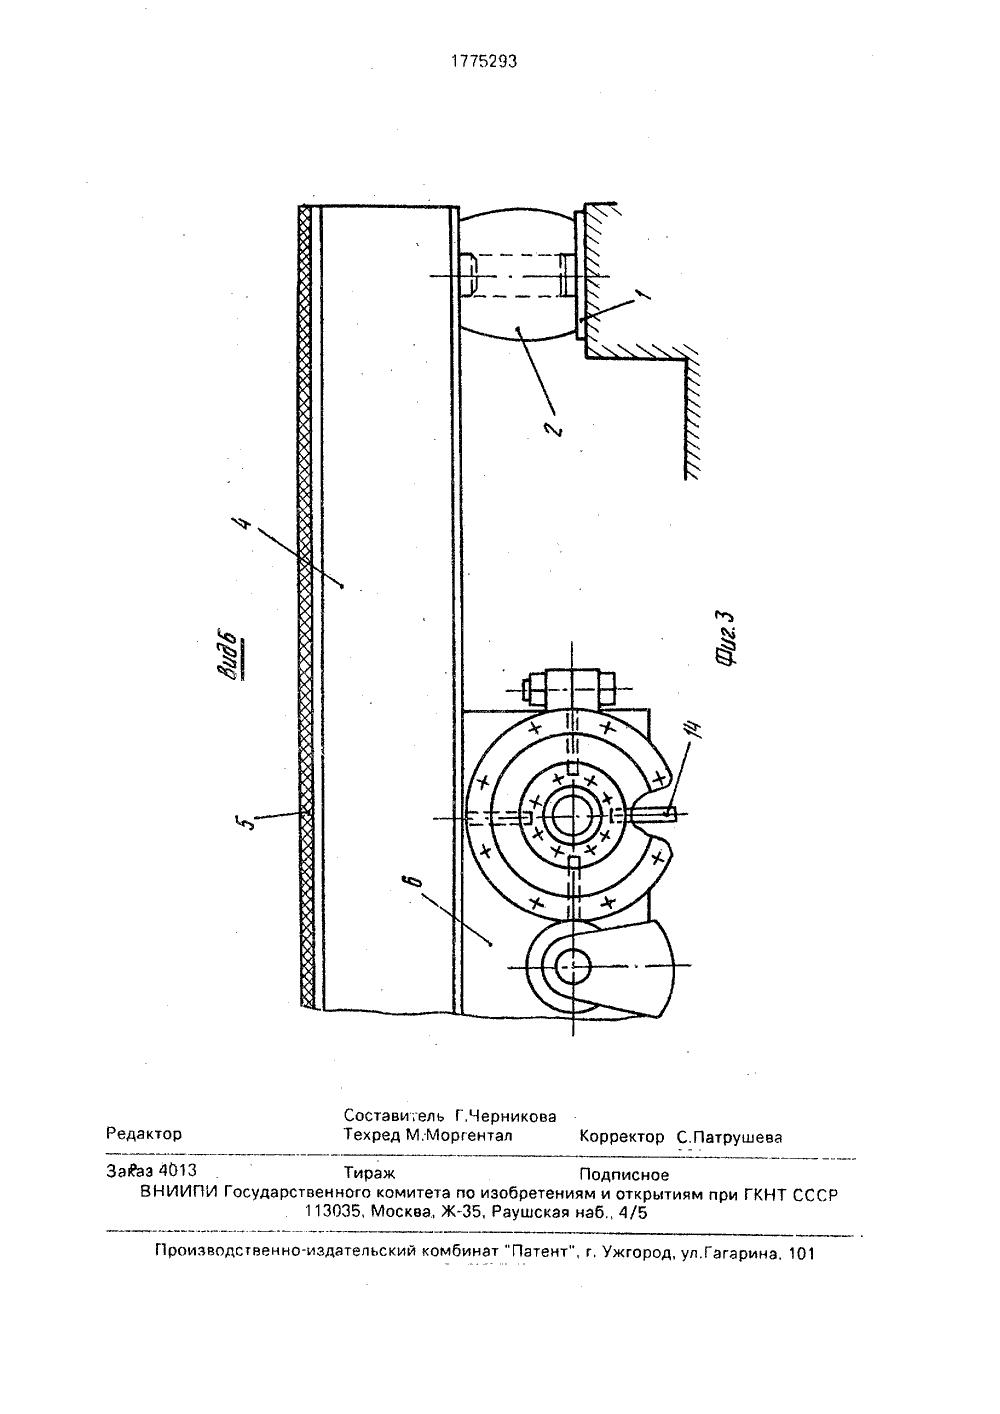 схема устройства вибраторов и виброплощадок